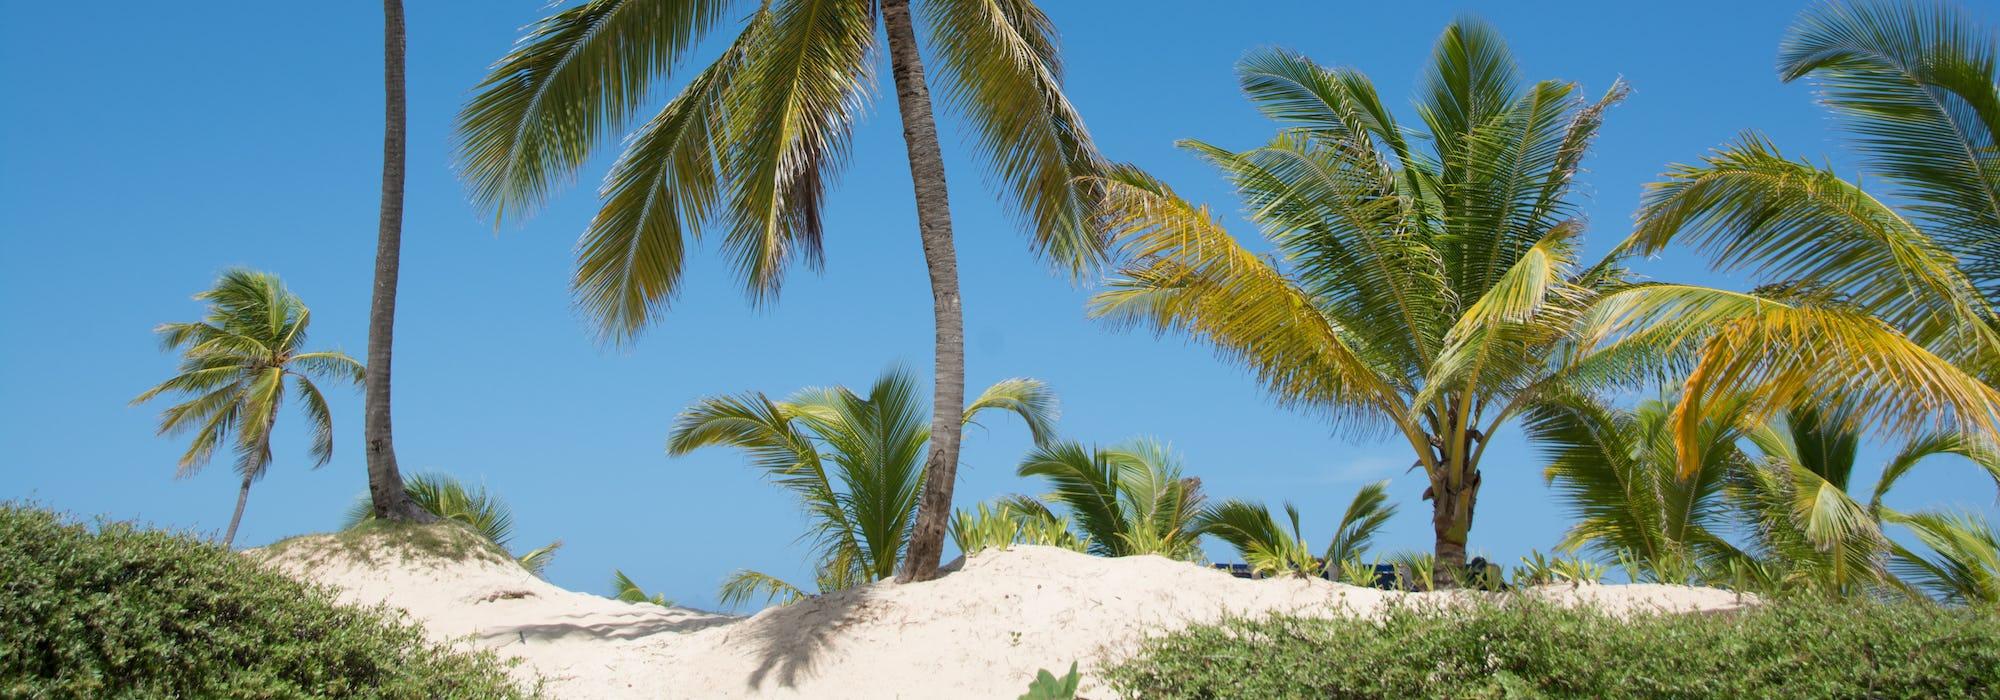 Punta Cana, Dominikaaninen tasavalta